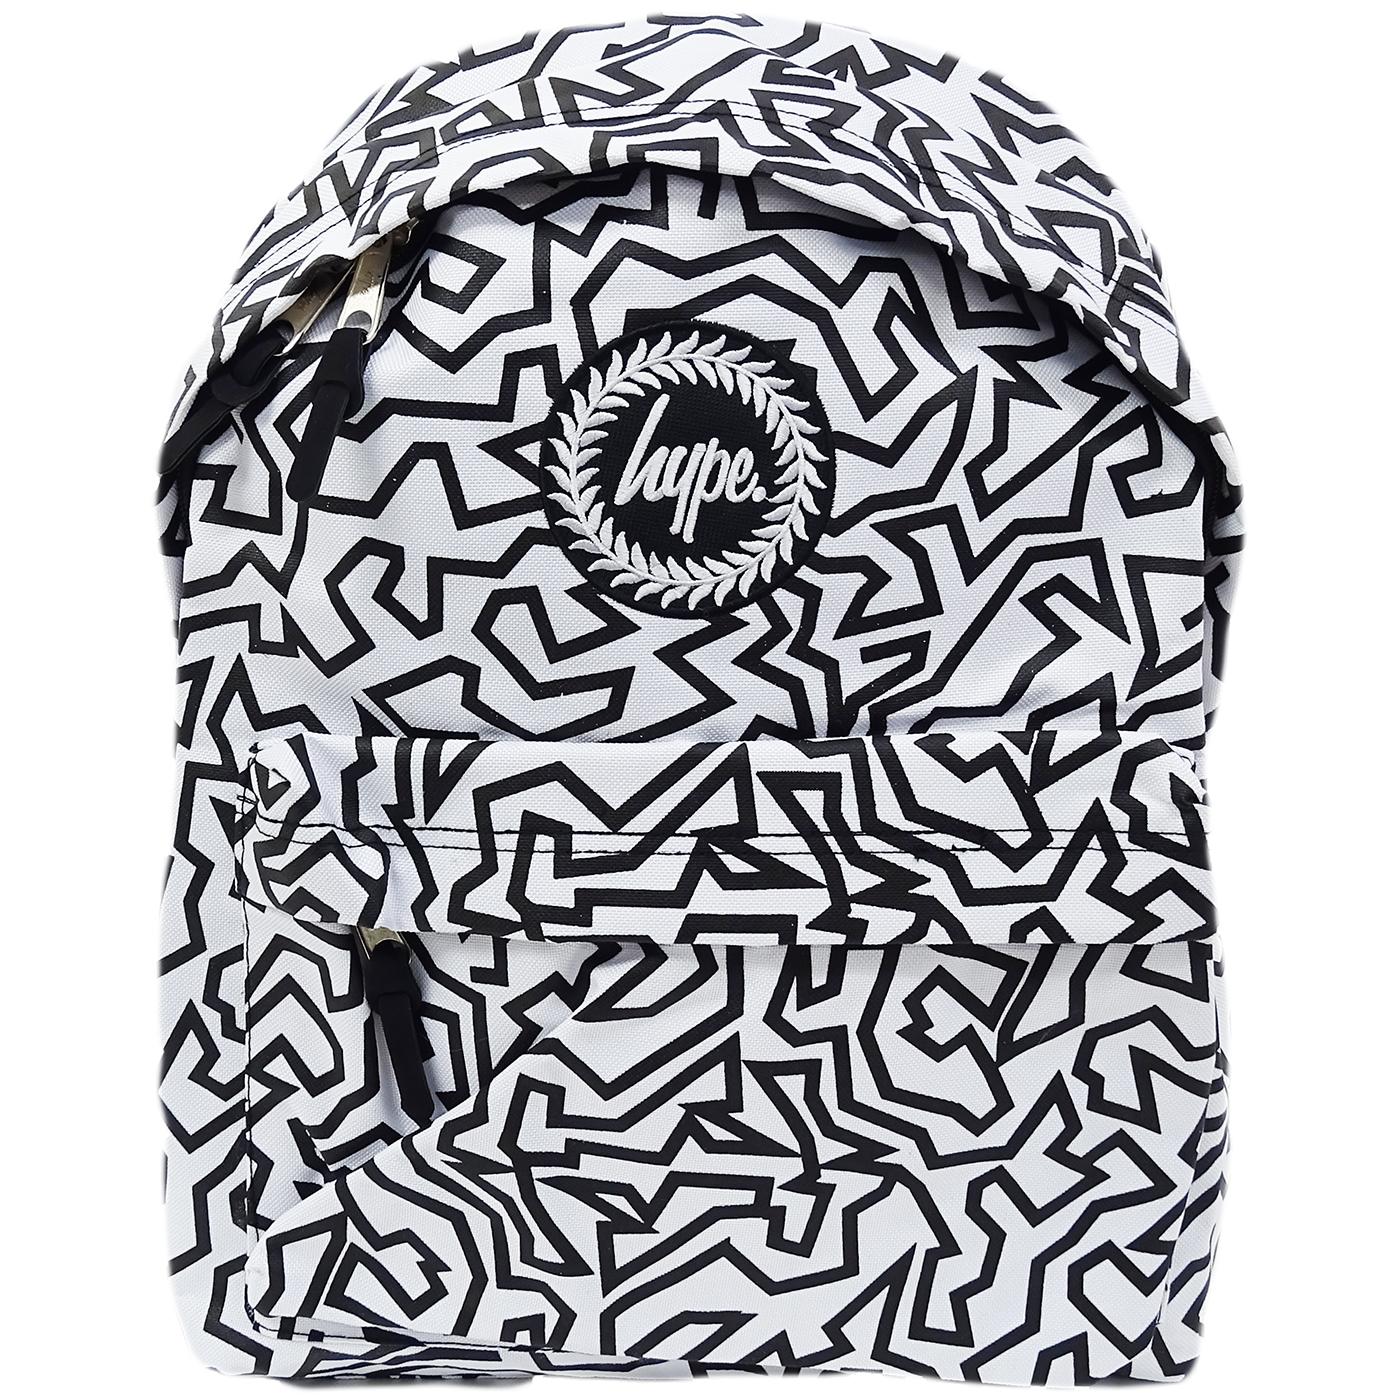 Hype White Bag / Backpack